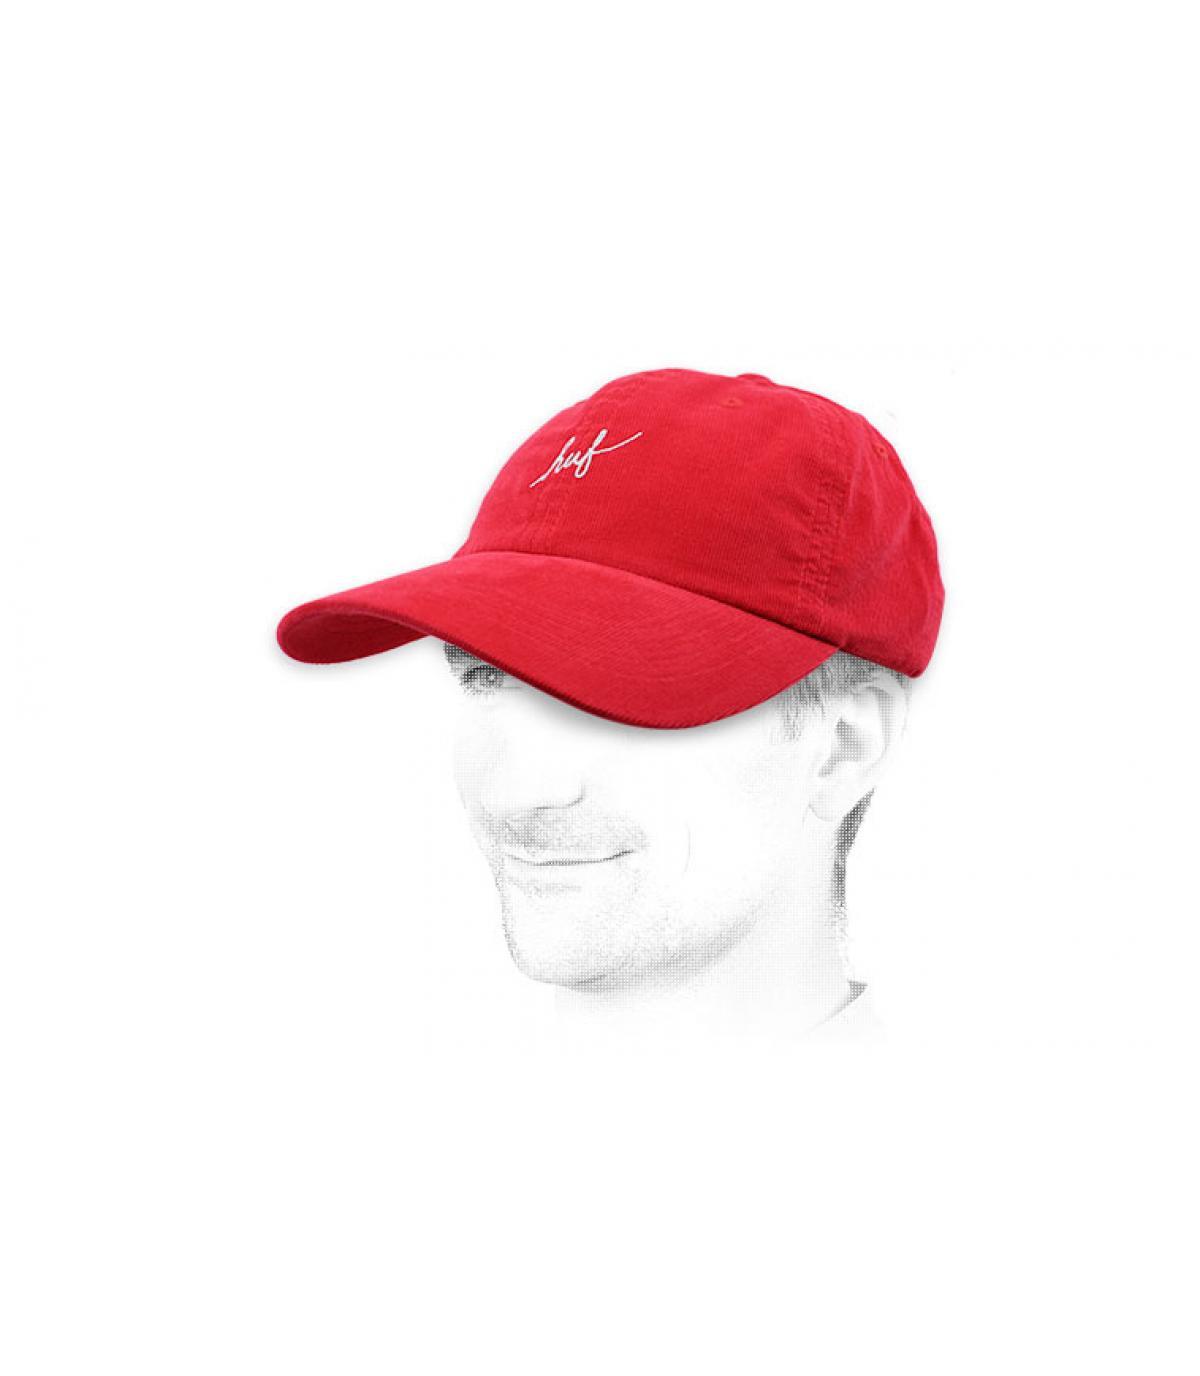 berretto rosso Huf